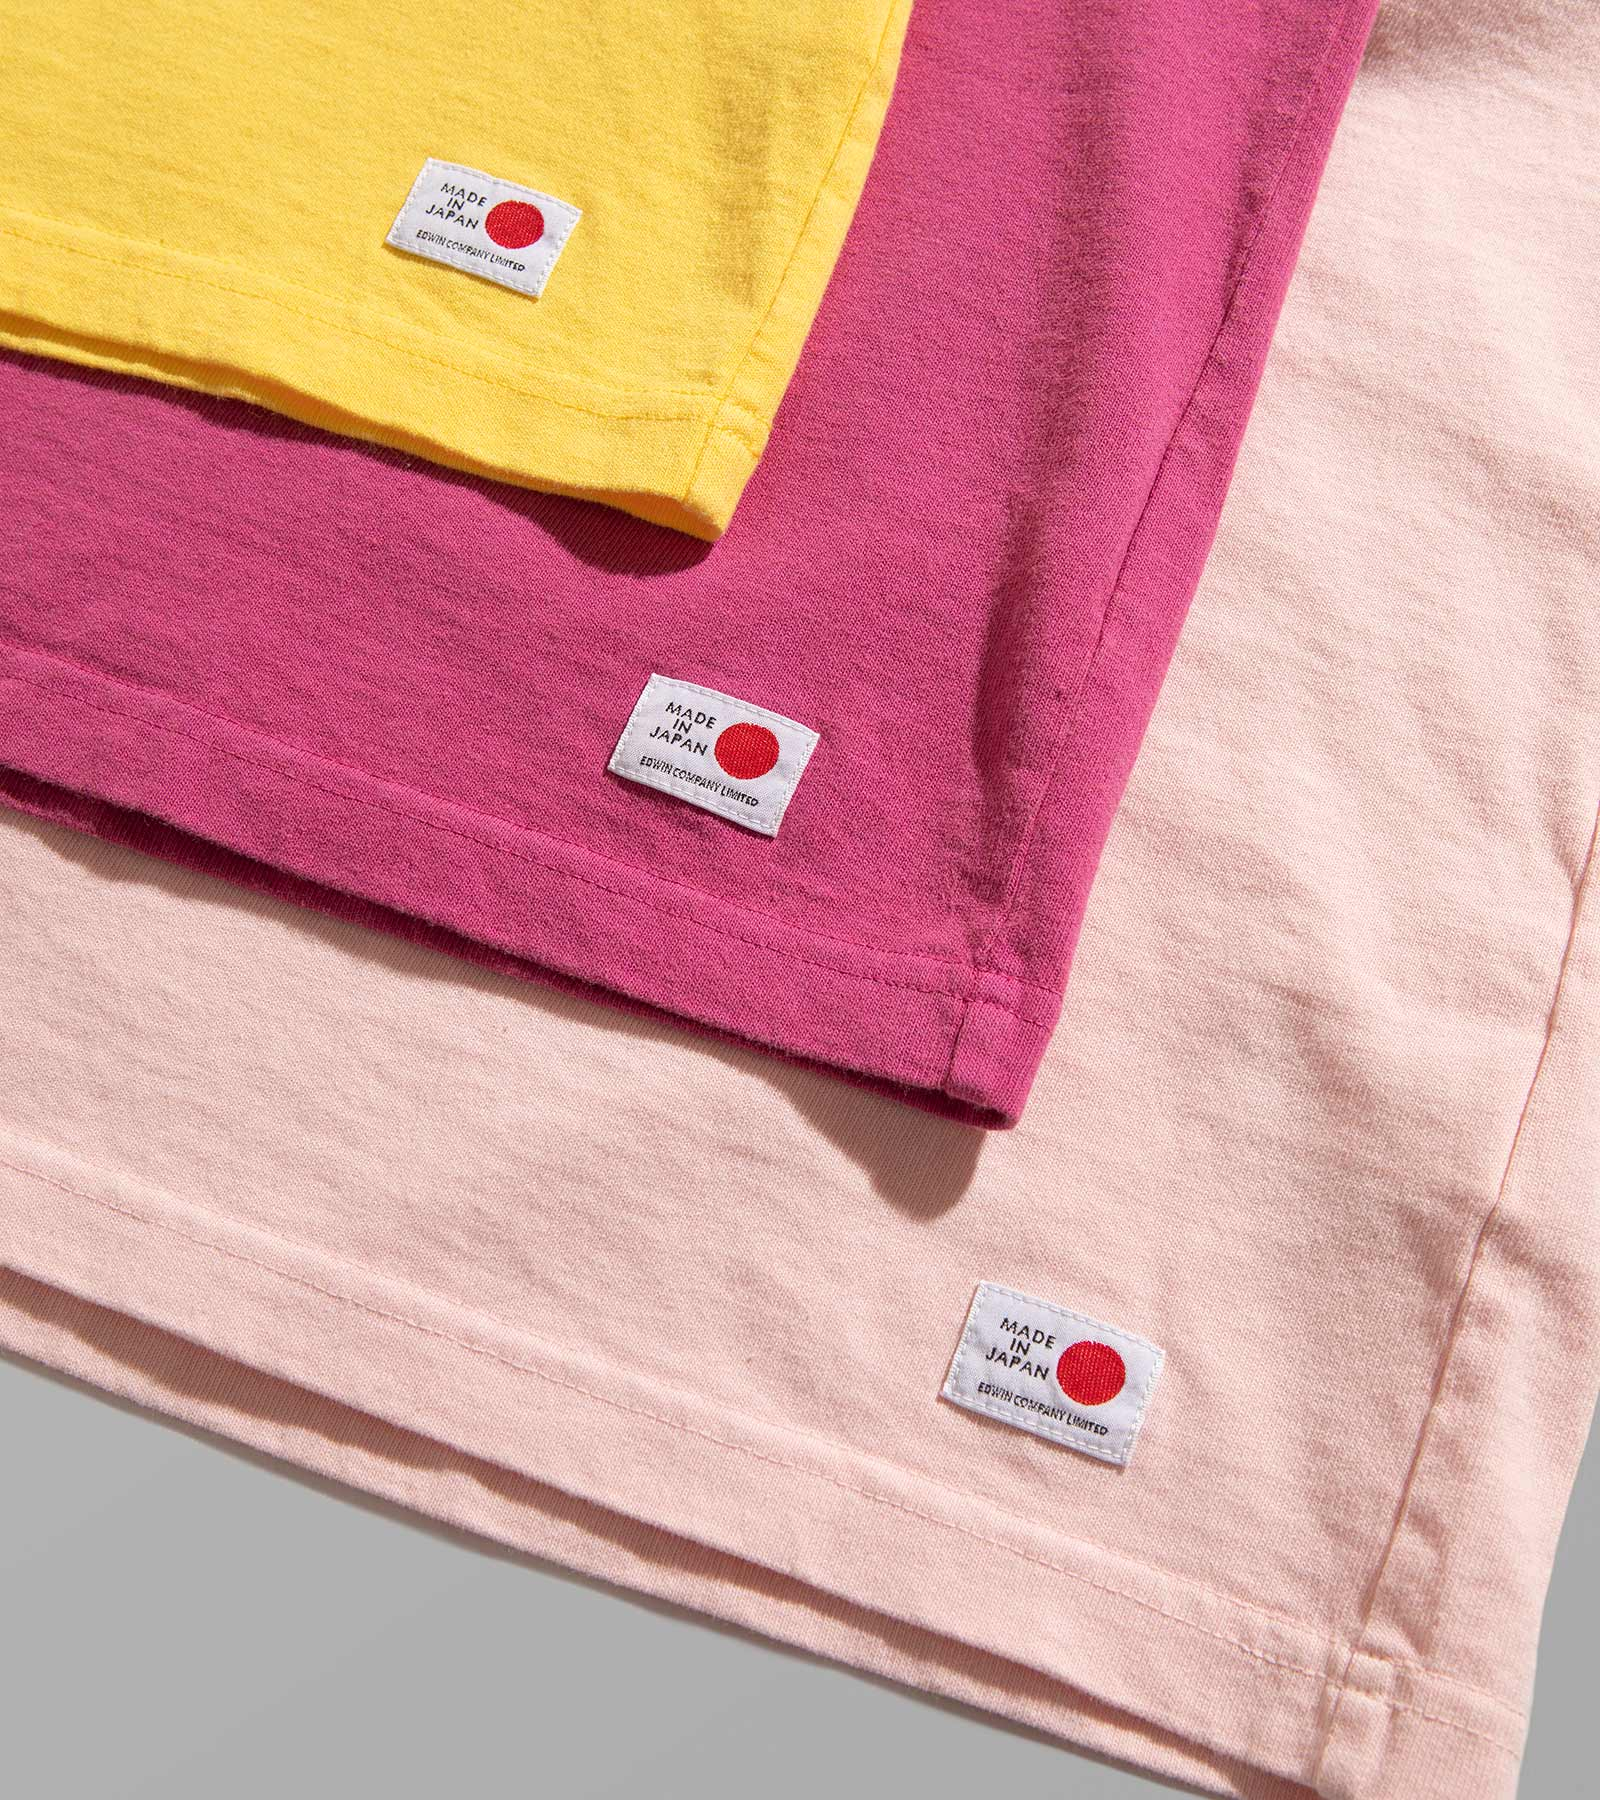 Made in Japan - Botanical Jersey